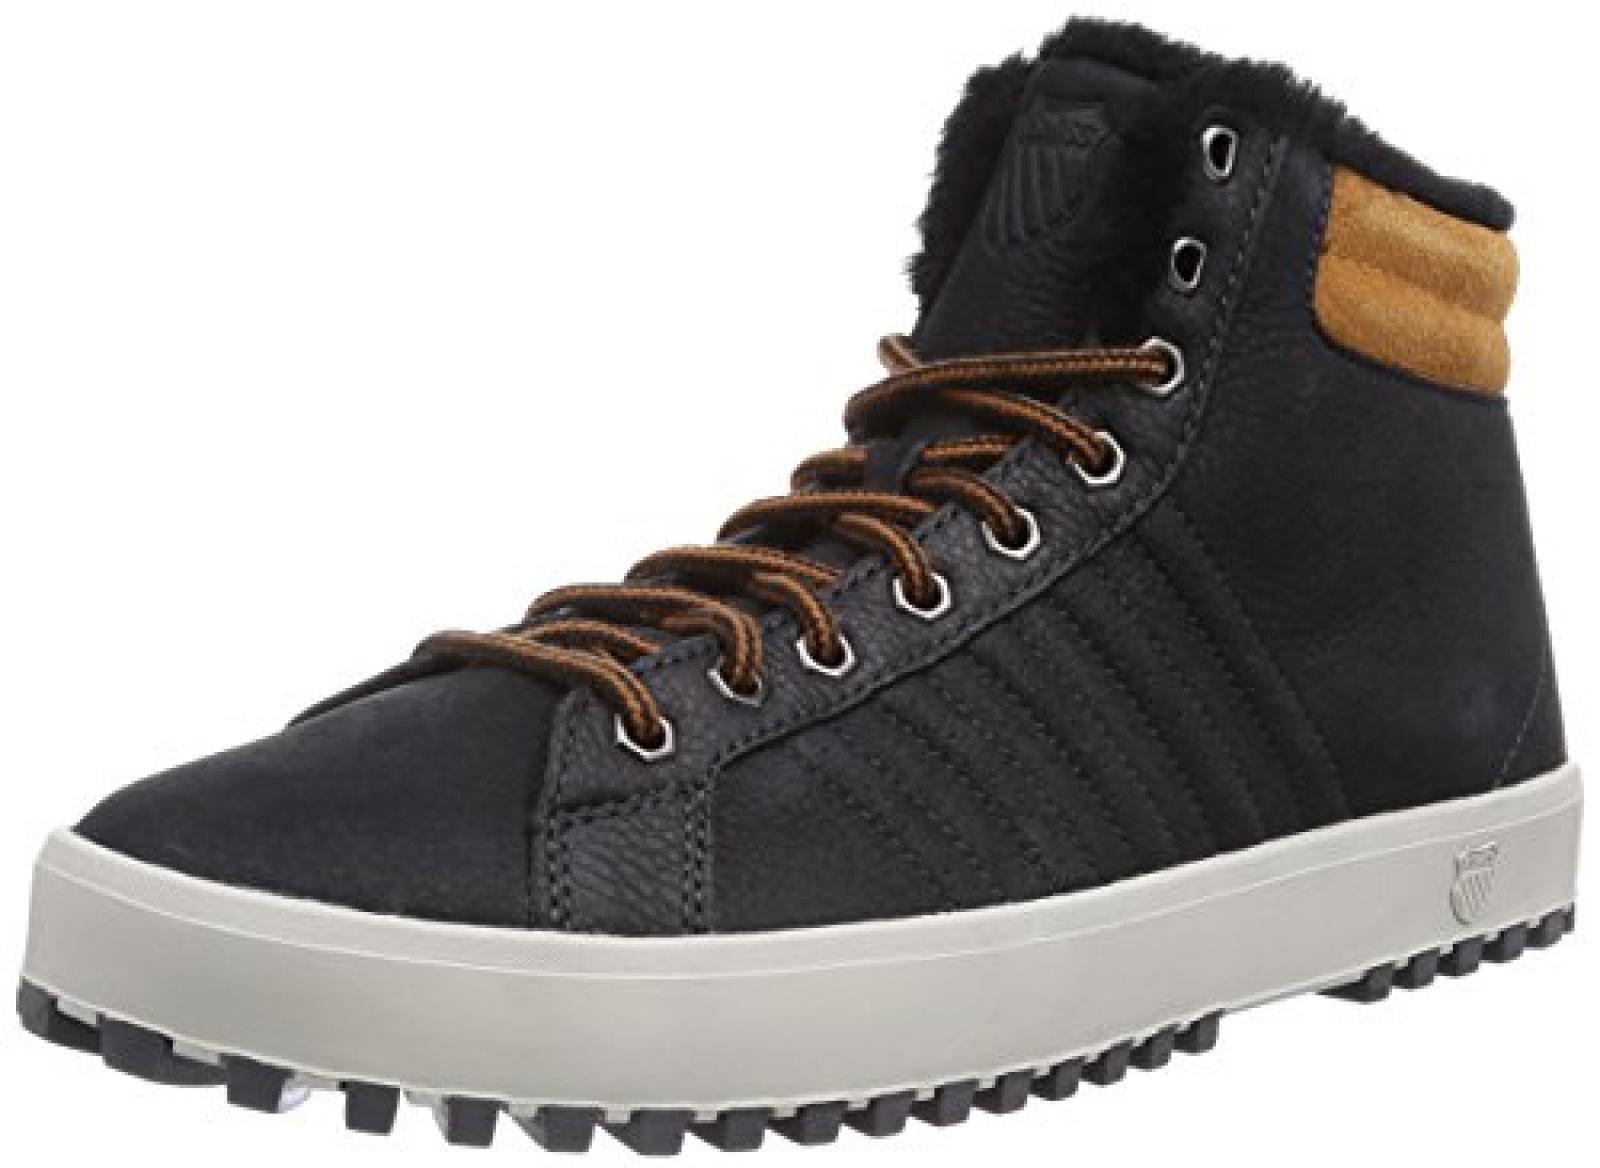 K-Swiss ADCOURT 72 BOOT Herren Sneakers